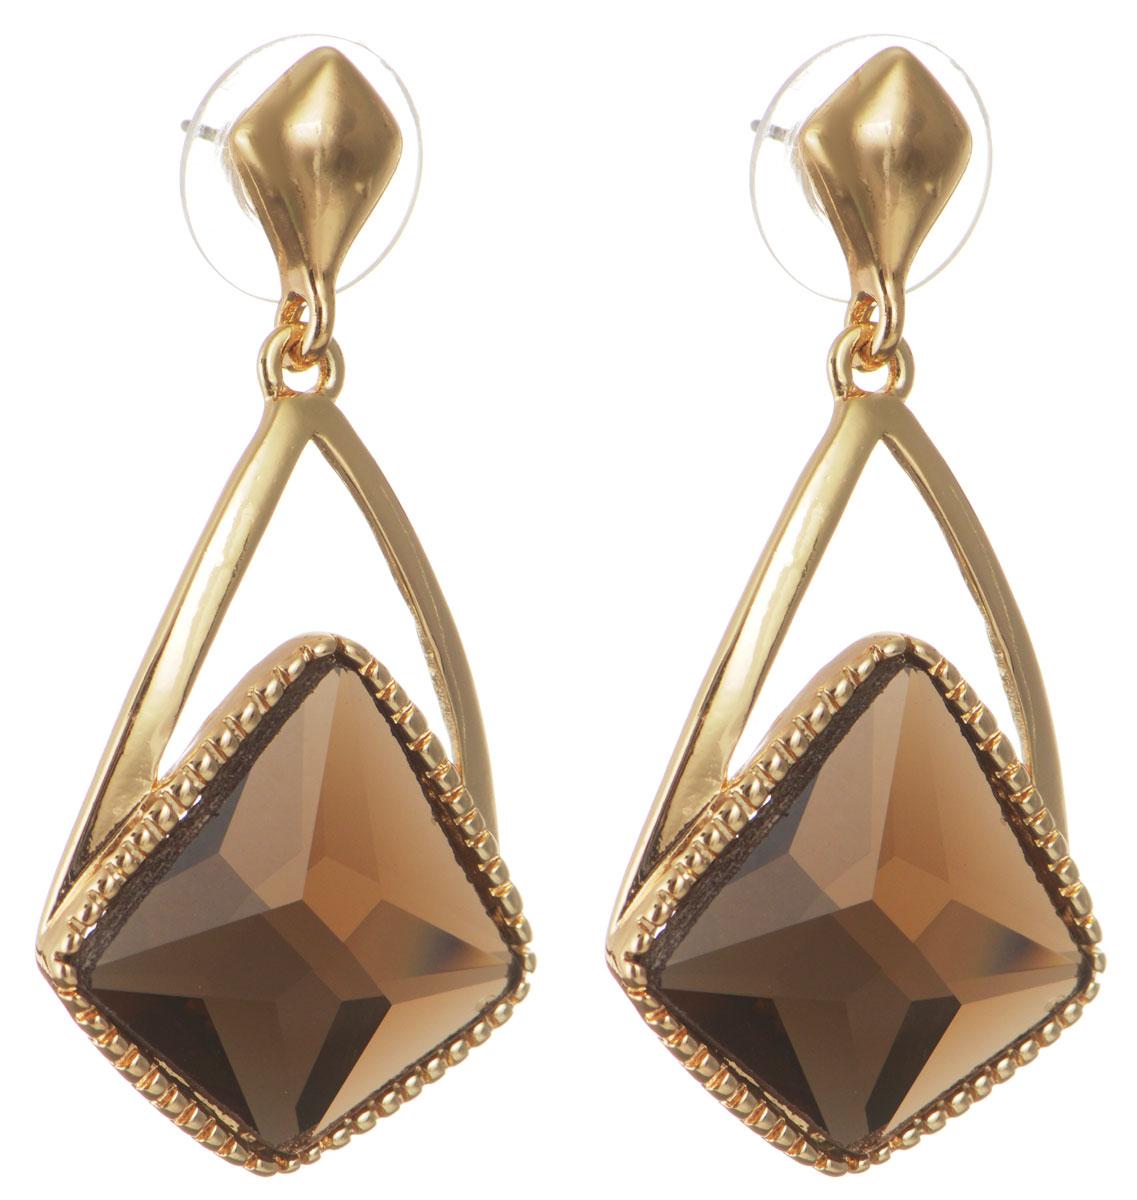 Серьги Taya, цвет: золотистый. T-B-10741-EARR-GOLDT-B-10741-EARR-GOLDОригинальные серьги Taya, выполненные из металлического сплава в виде подвесок в форме капли декорированной крупным кристаллом необычной формы, придадут вашему образу изюминку, подчеркнут красоту или преобразят повседневный наряд. Застегиваются на замок-гвоздик с пластиковой заглушкой. Такие серьги позволят вам с легкостью воплотить самую смелую фантазию и создать собственный, неповторимый образ.